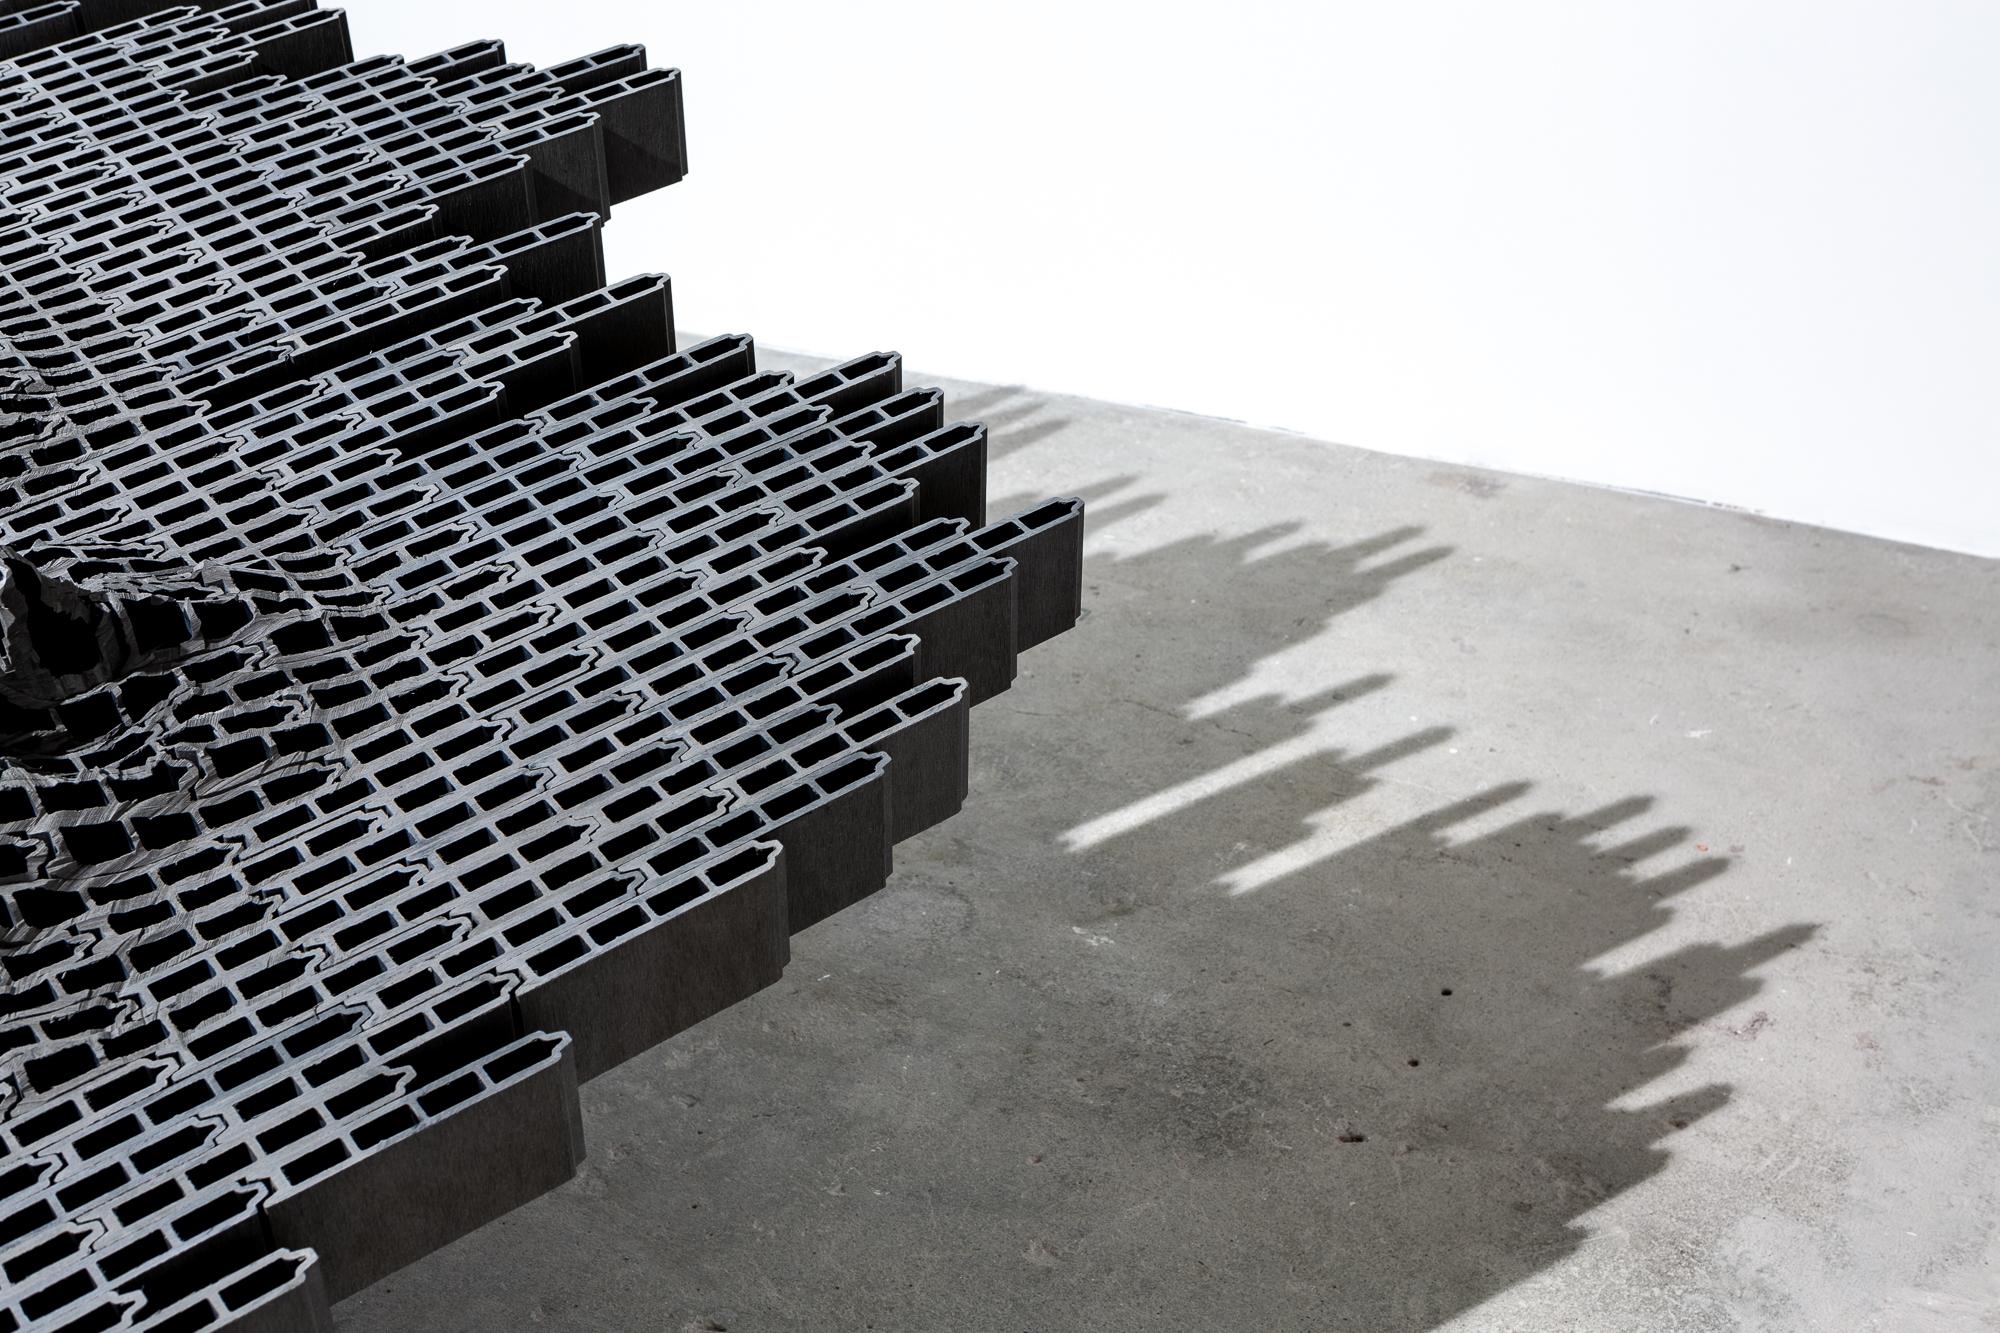 détail de l'une des oeuvres de l'exposition de Vincent Mauger à Grenoble